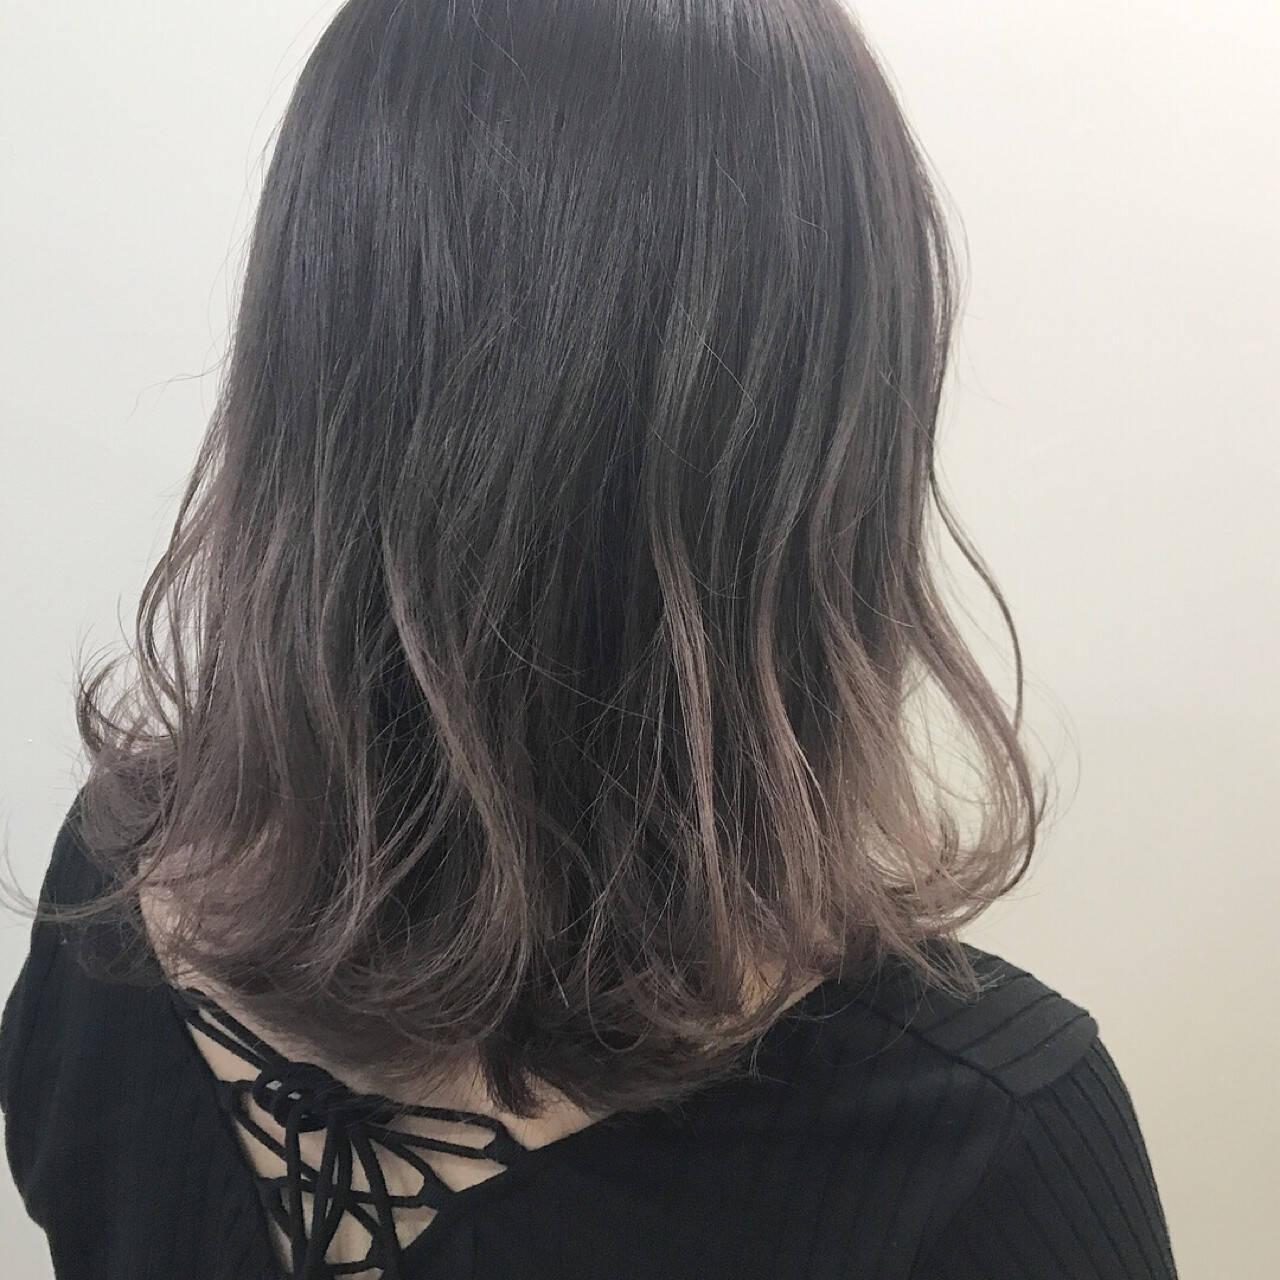 ハイライト 外国人風 グラデーションカラー パープルヘアスタイルや髪型の写真・画像